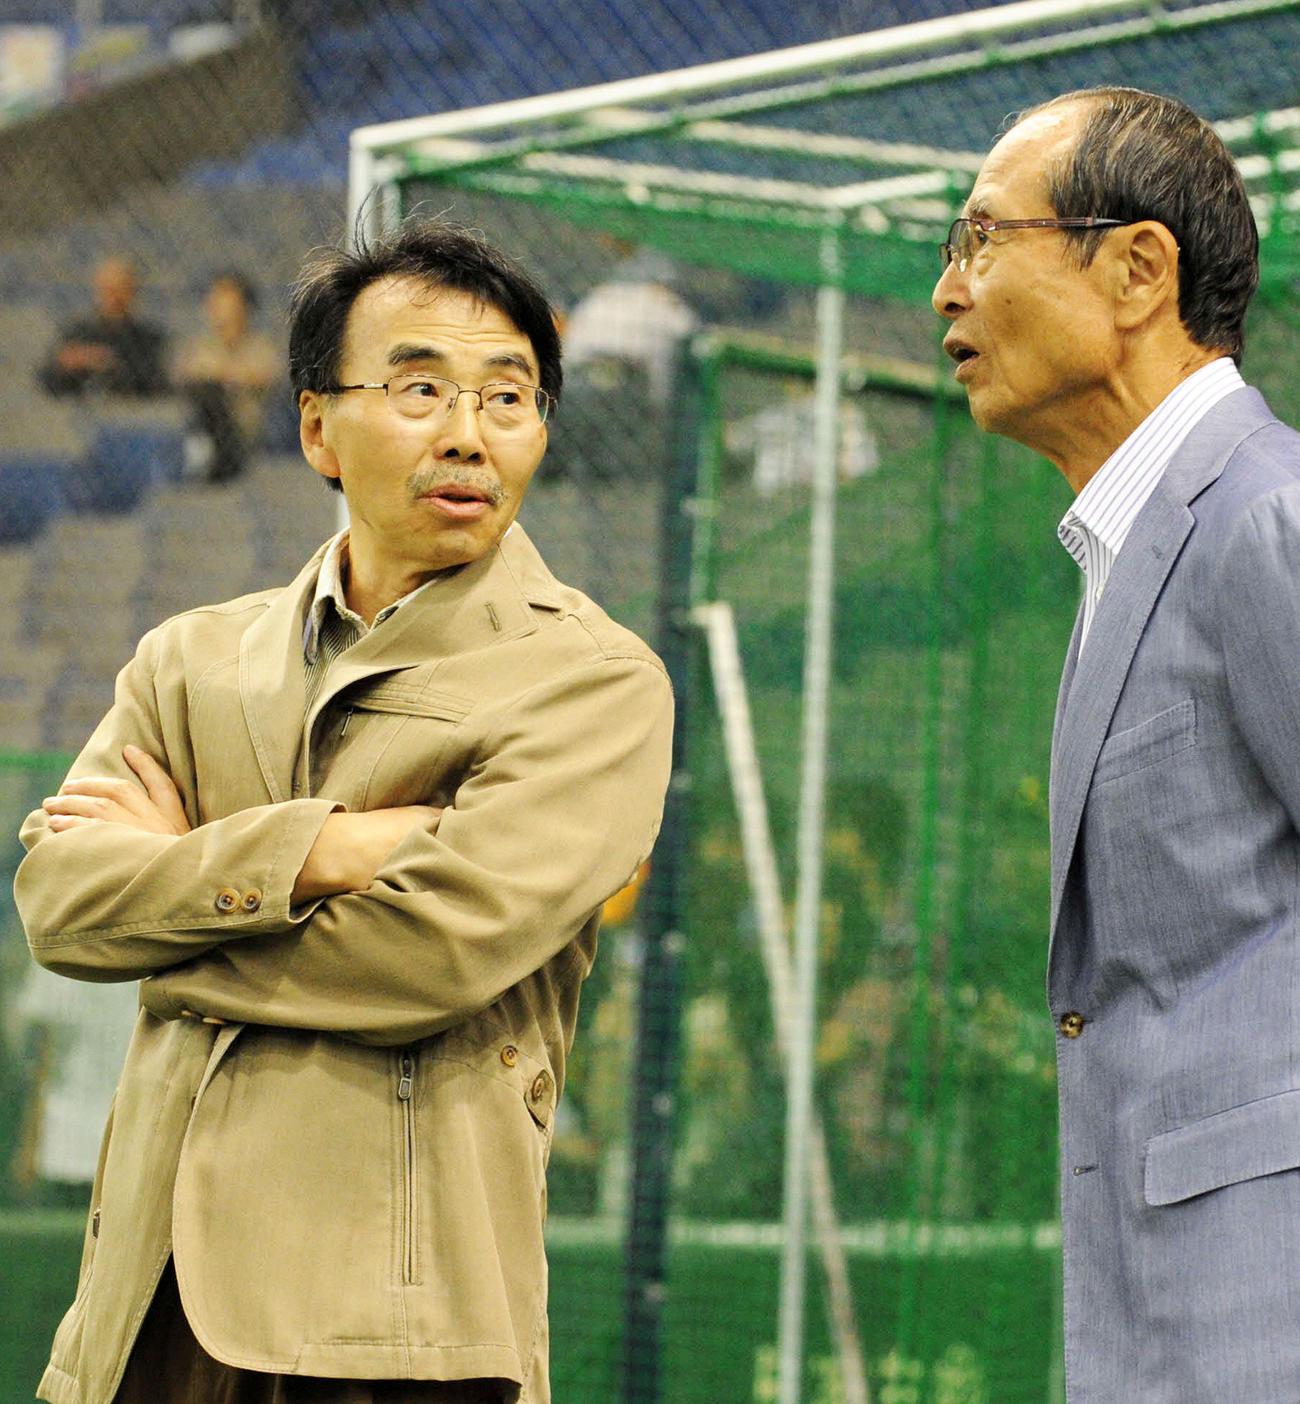 ソフトバンク王貞治会長(右)と談笑する漫画家の水島新司氏(2012年5月20日撮影)